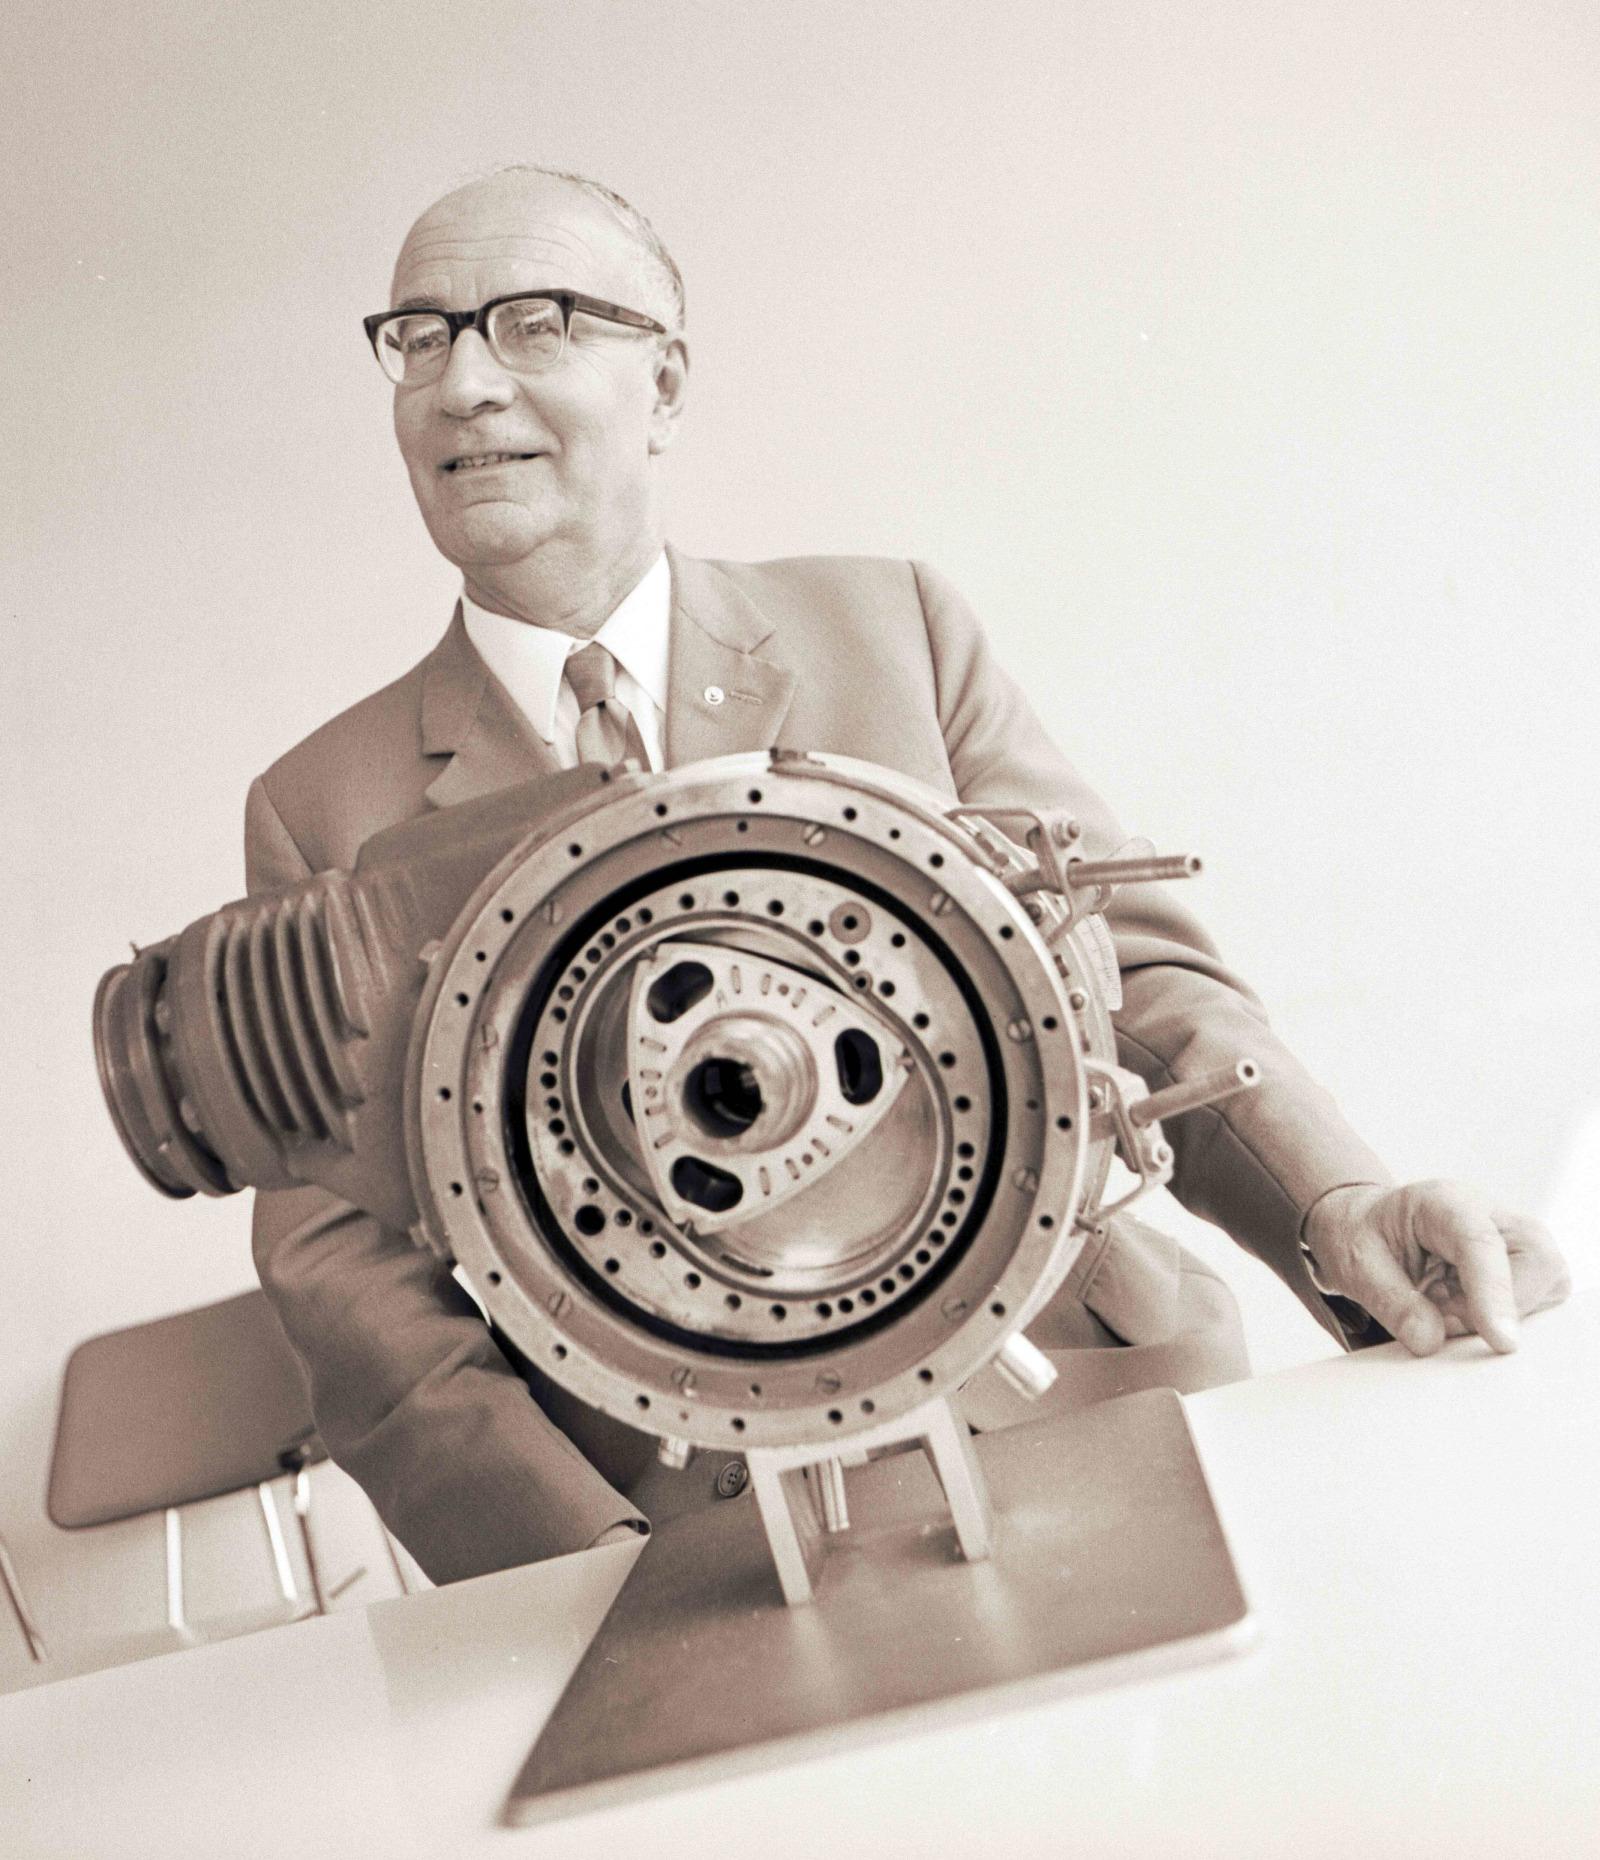 「バンケル式ロータリーエンジンの技術提携と開発着手【マツダ100年史・第11回・第4章 その1】」の2枚目の画像